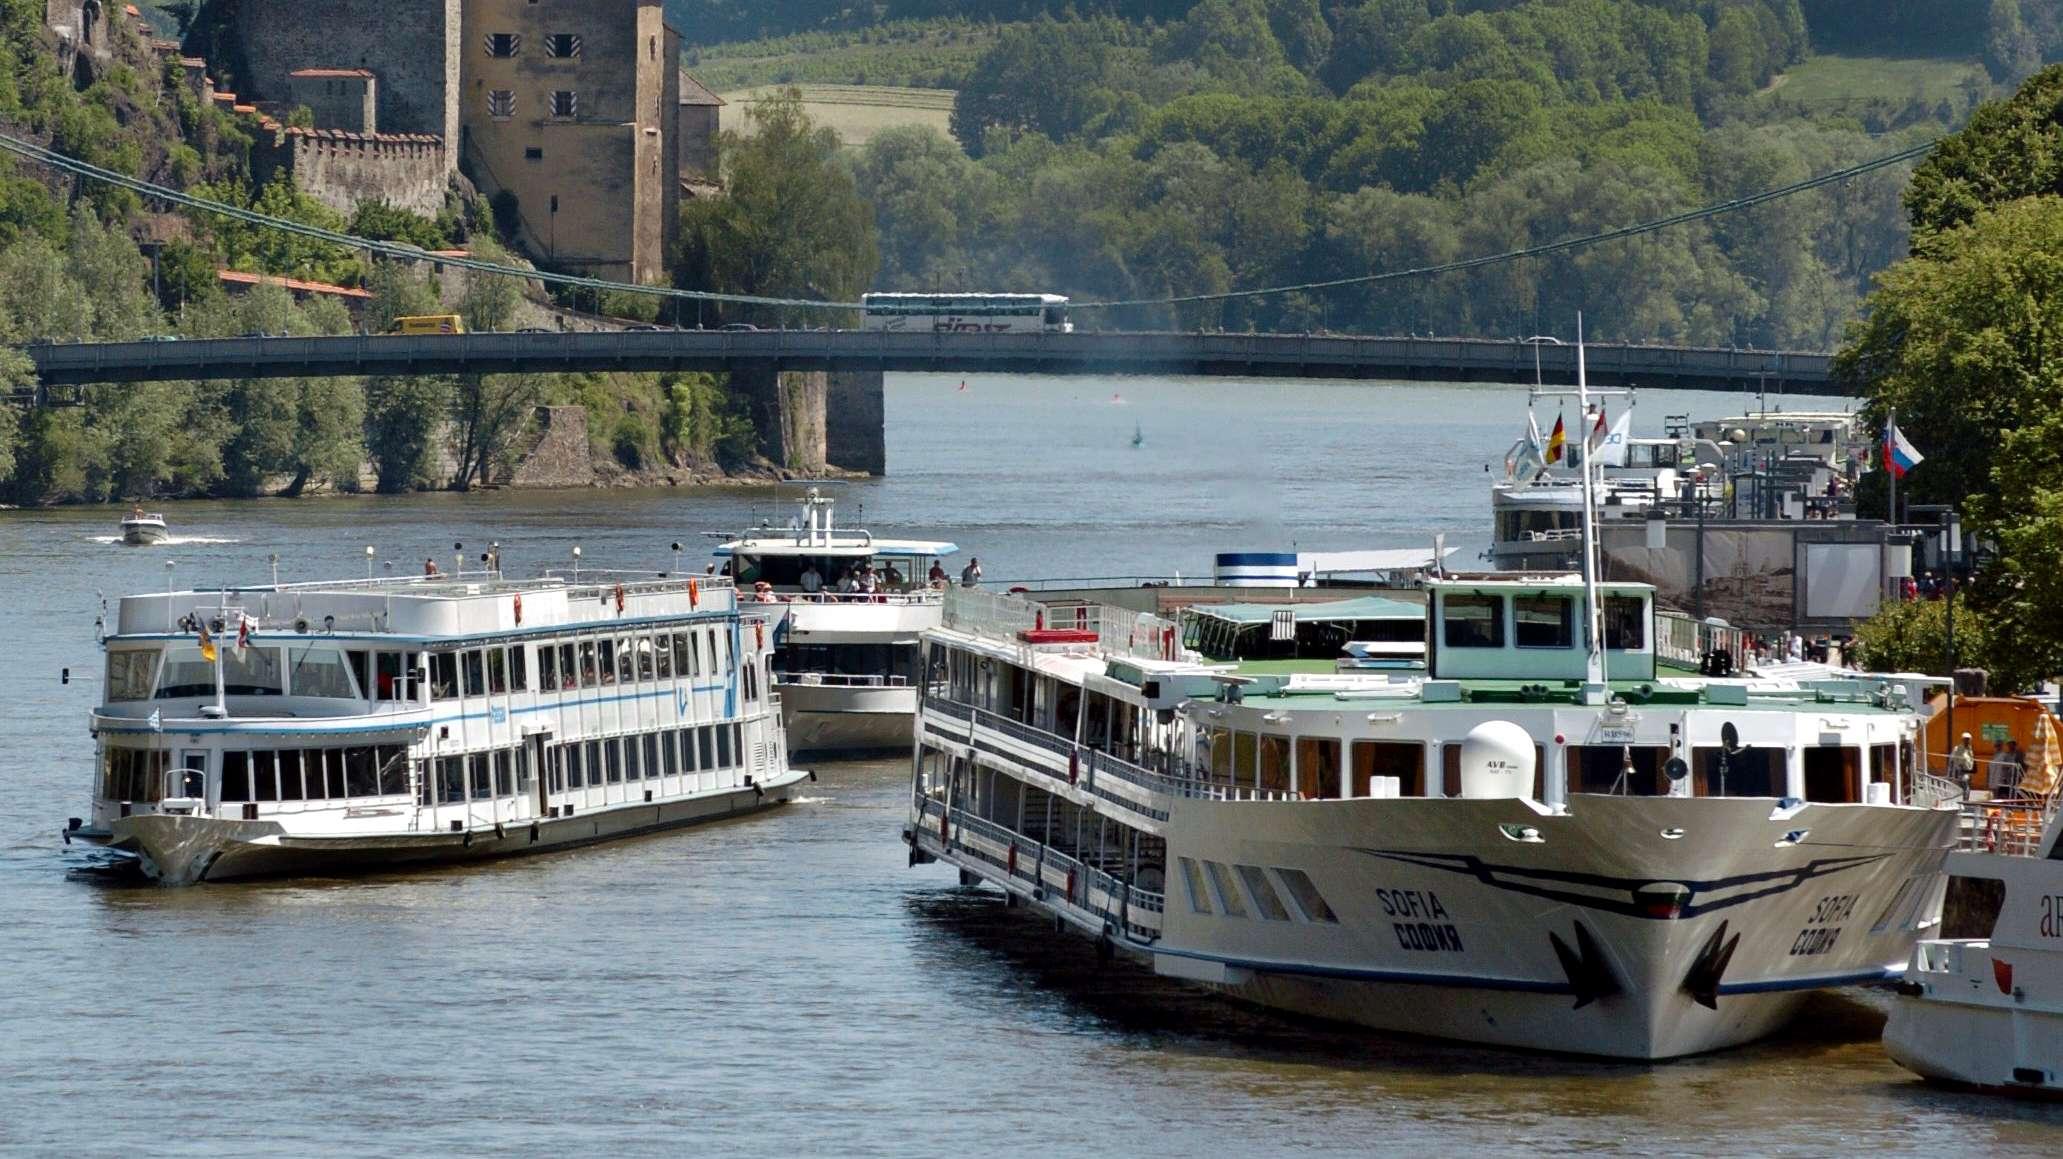 Passagierschiffe in Passau auf der Donau